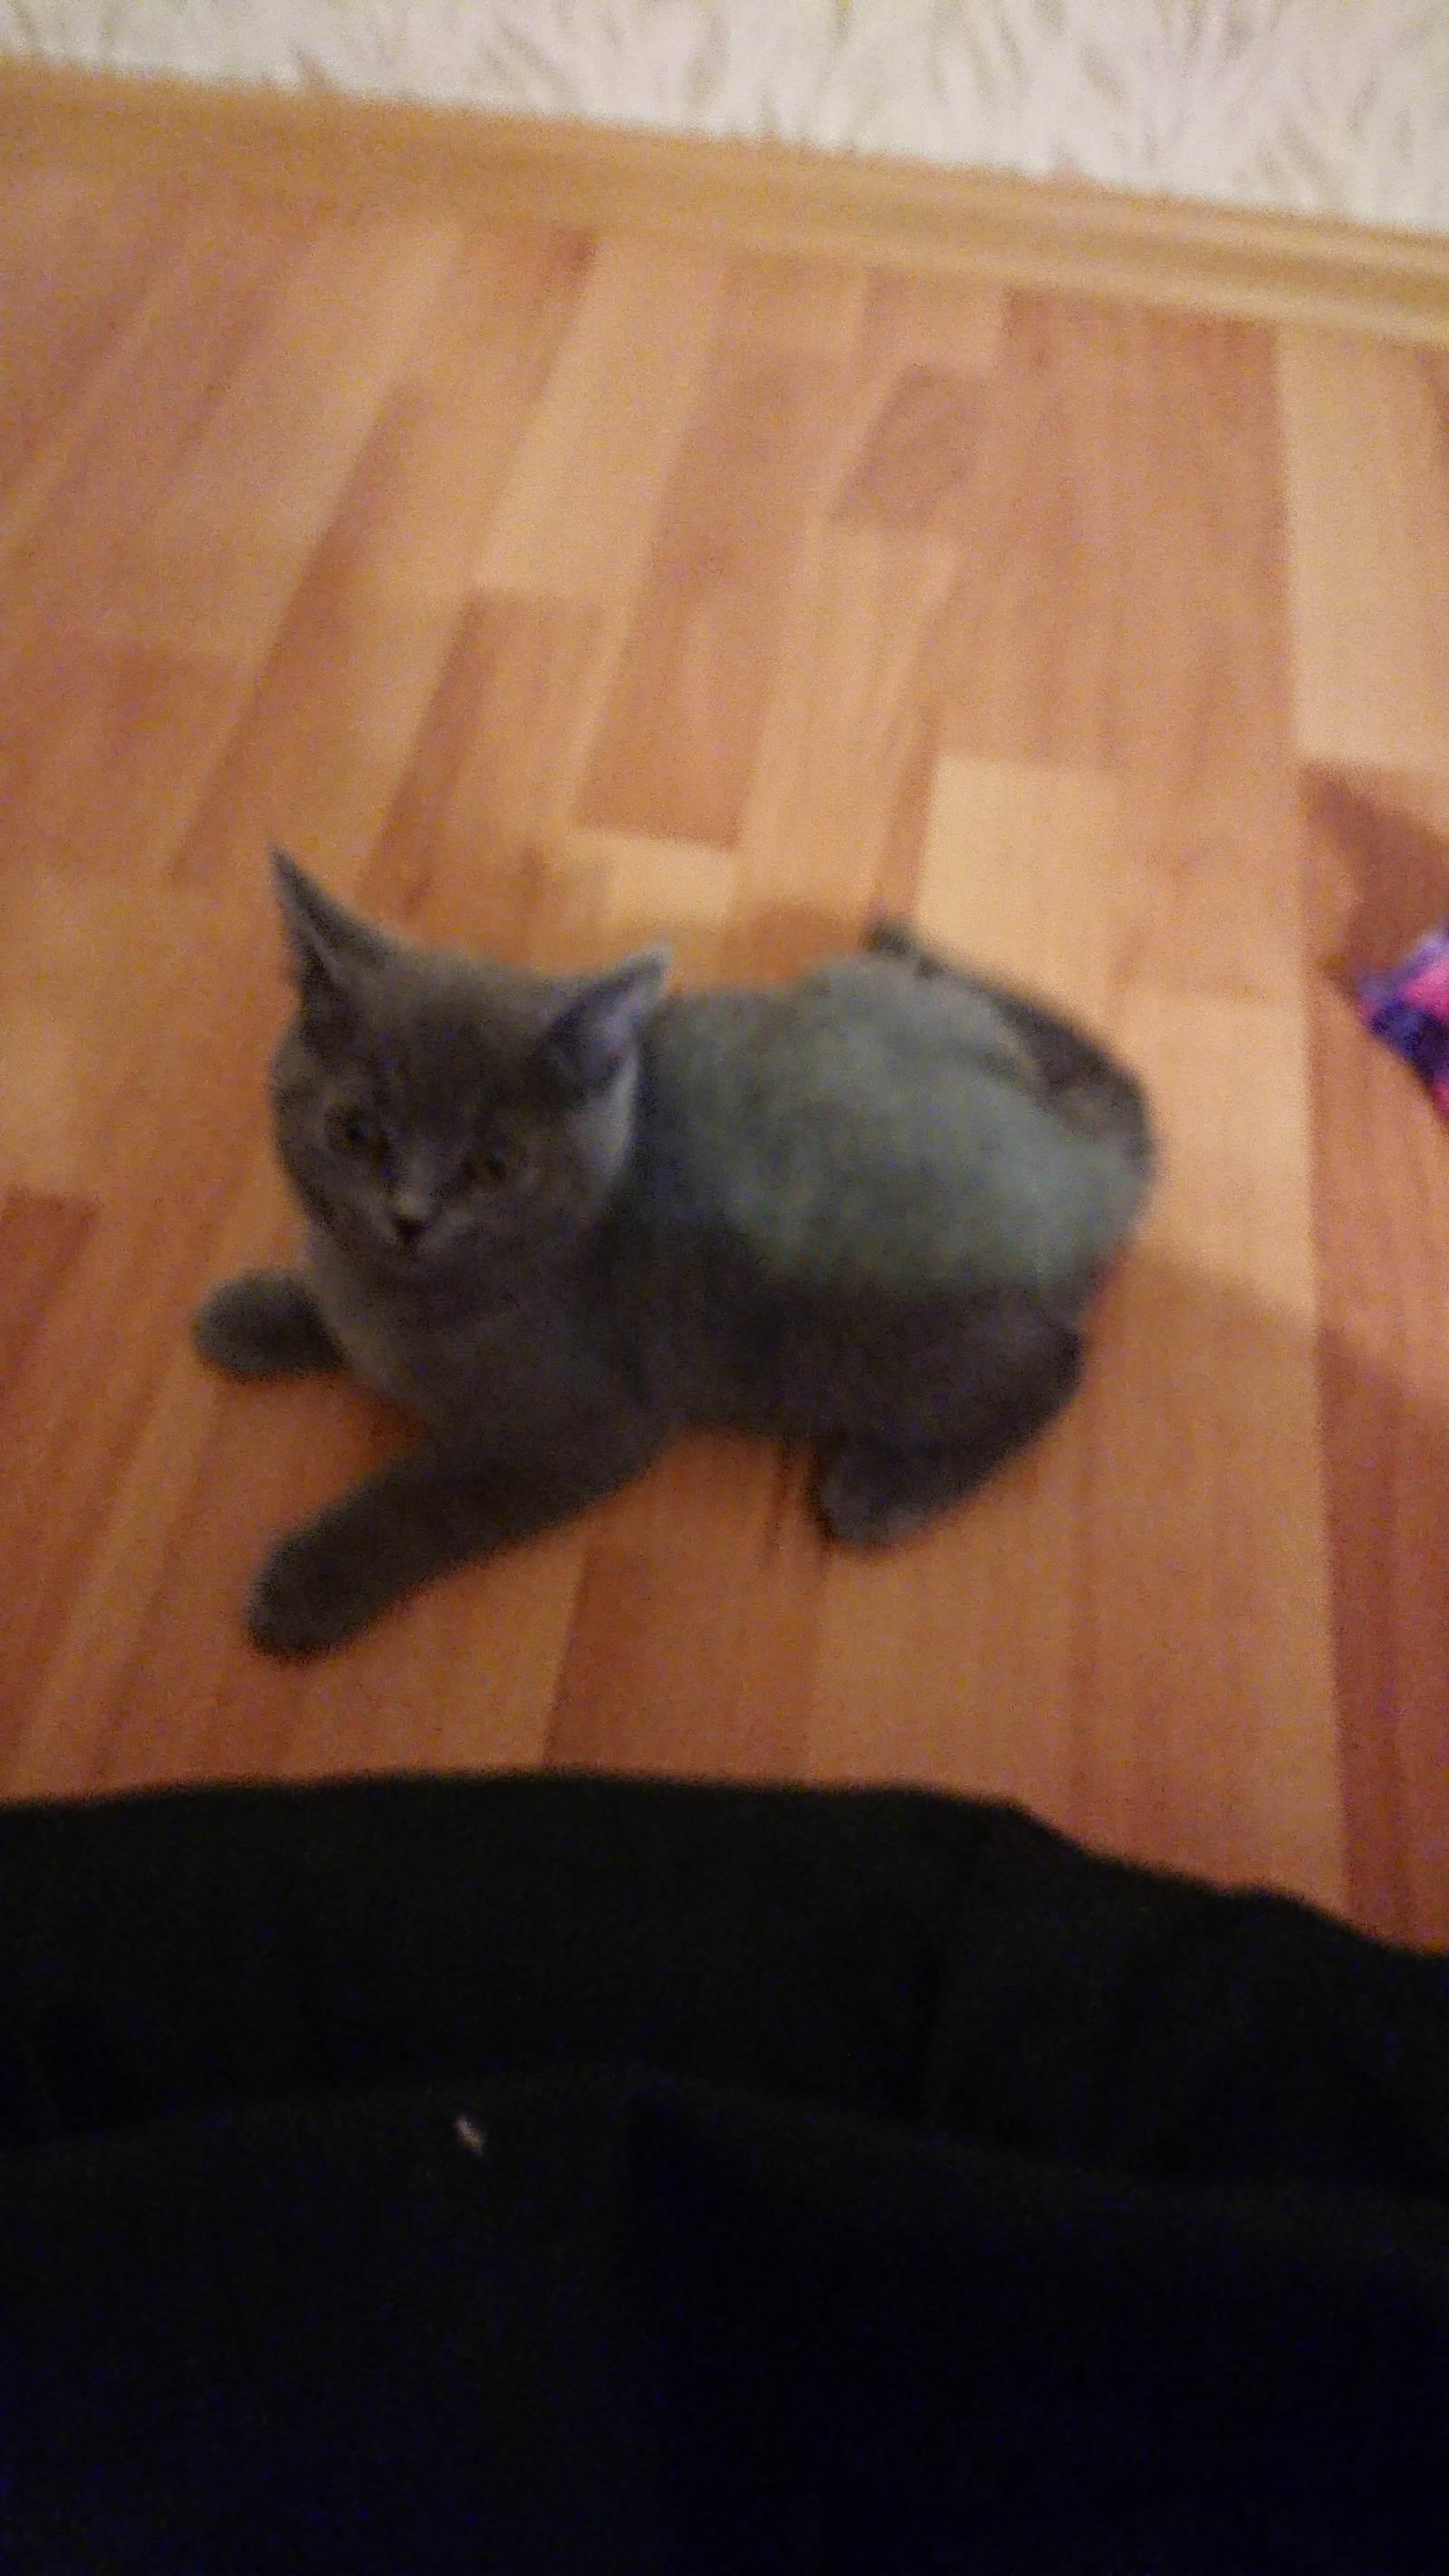 Как быть с подобрашкой? нужен совет! добавила фото кошки.